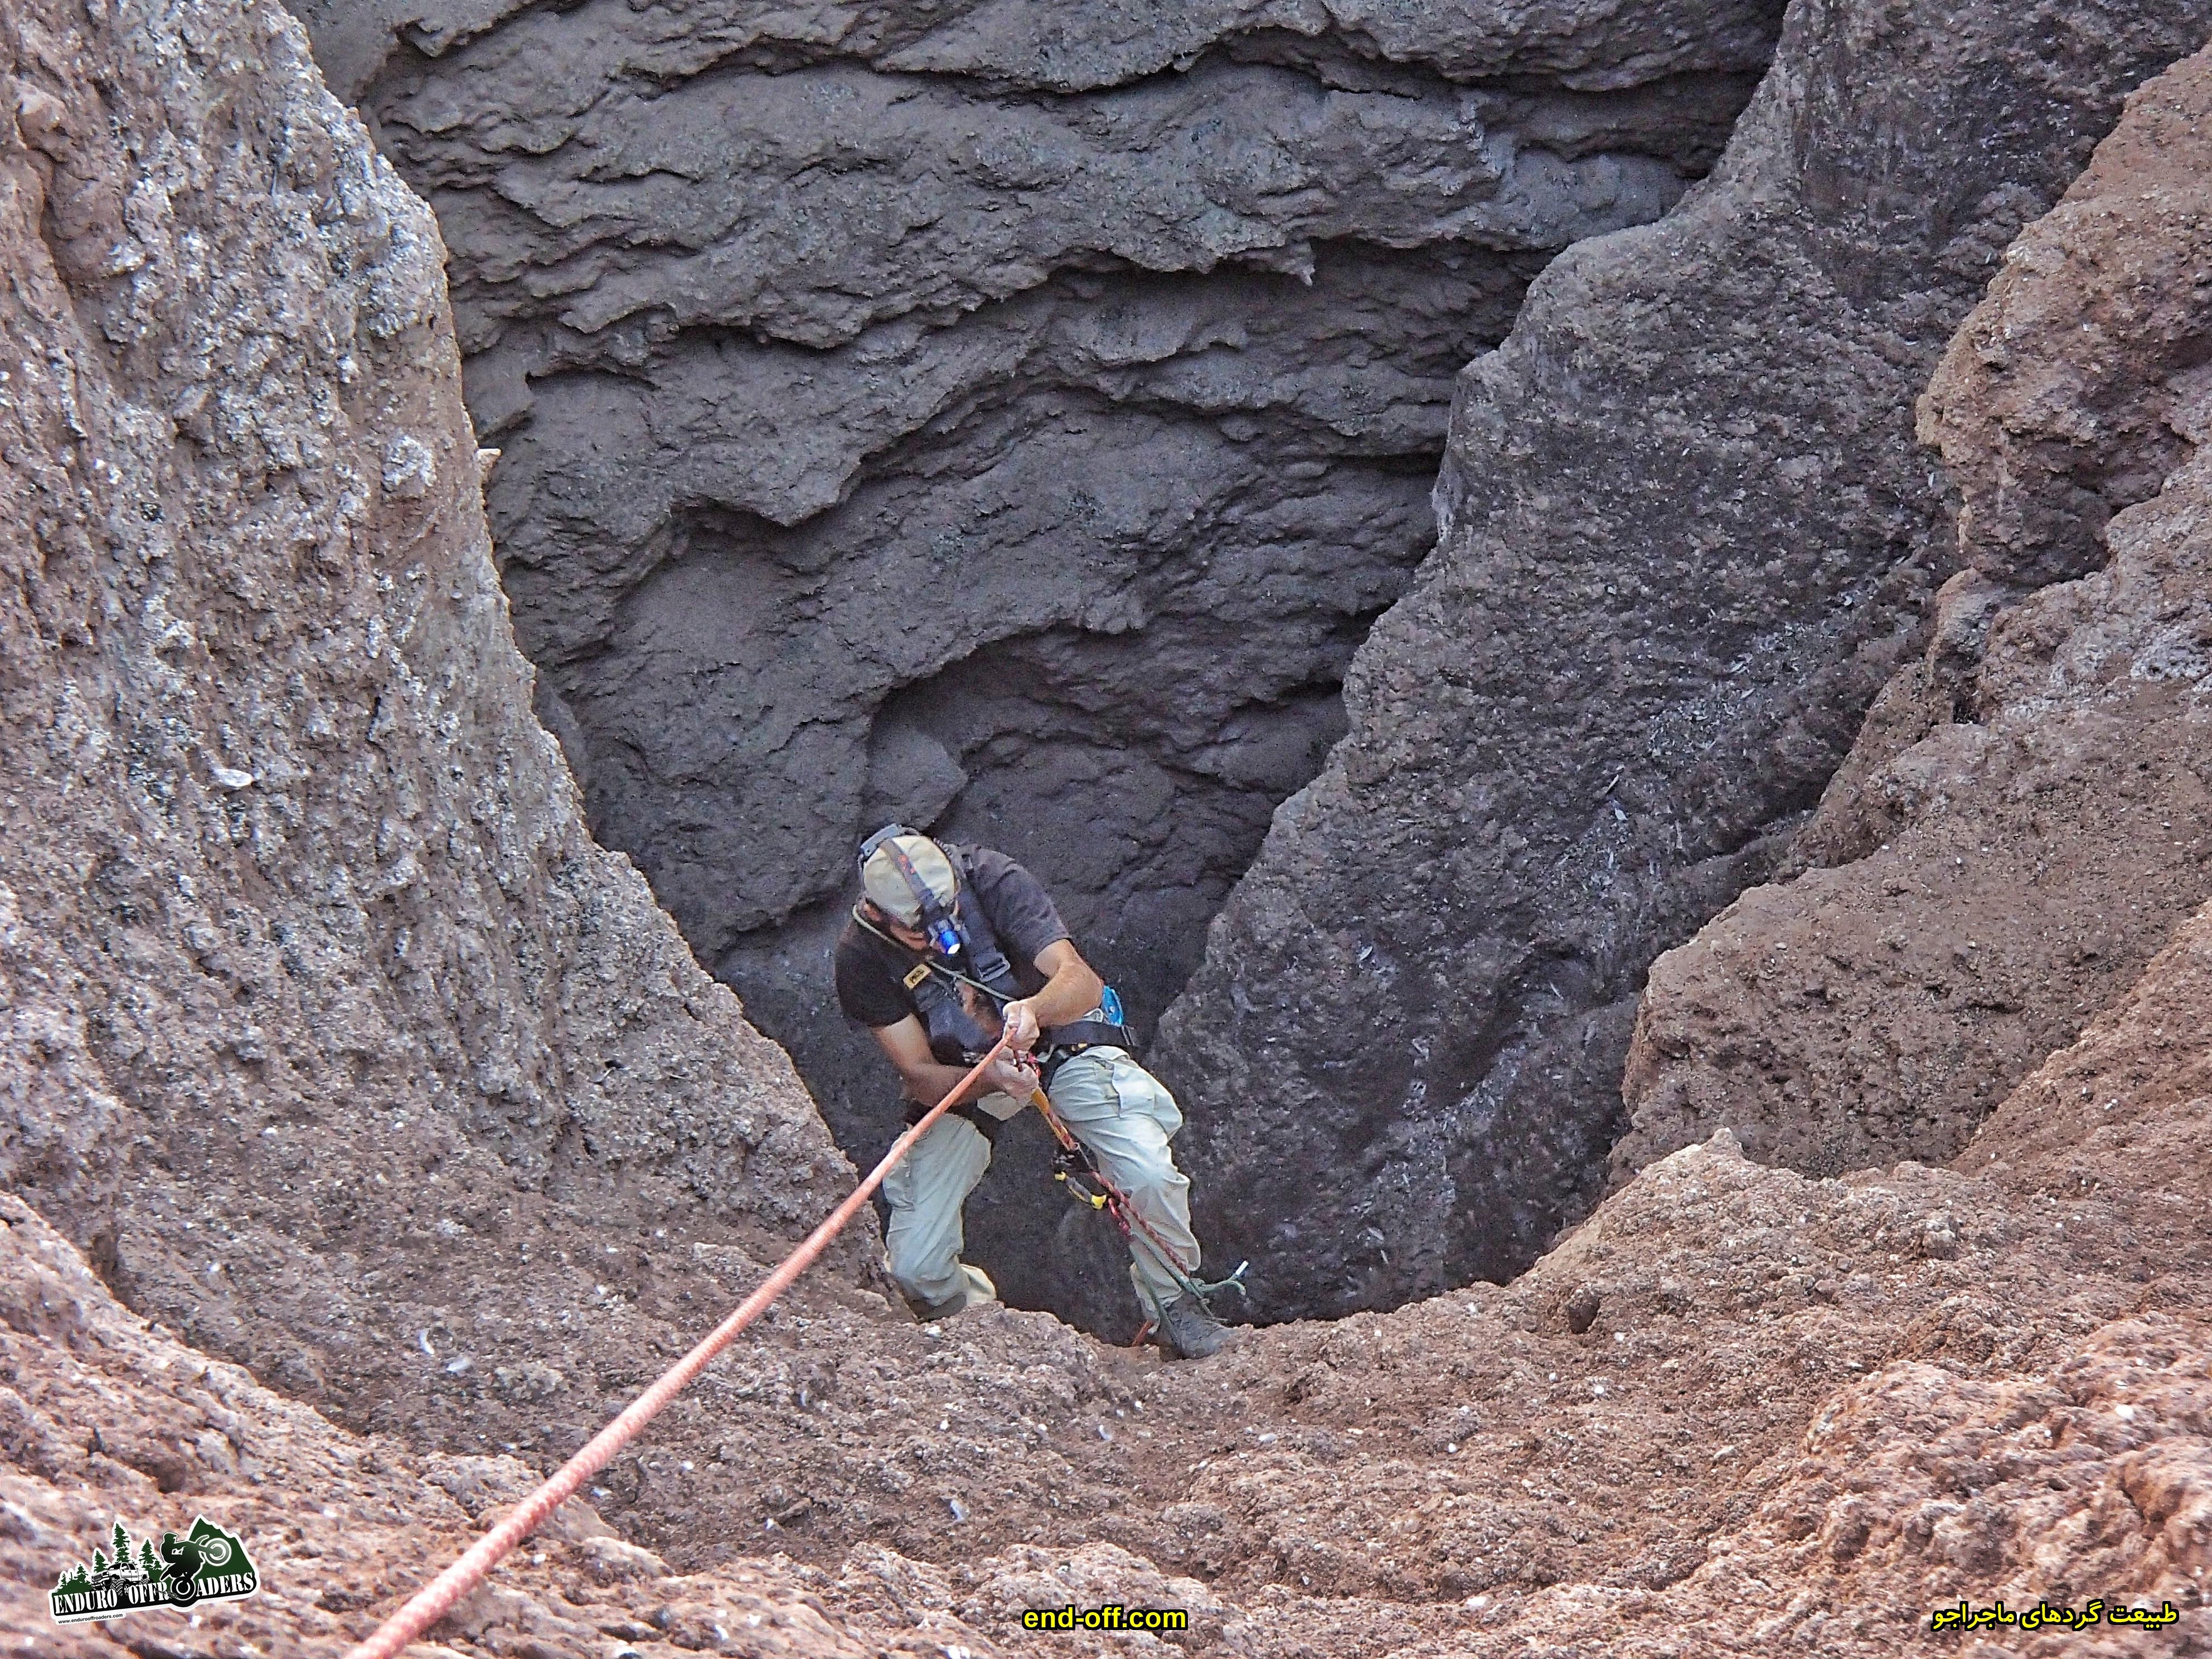 غار چاه دیو - نصرت آباد - جنوب کرج - پاییز 1399 2020